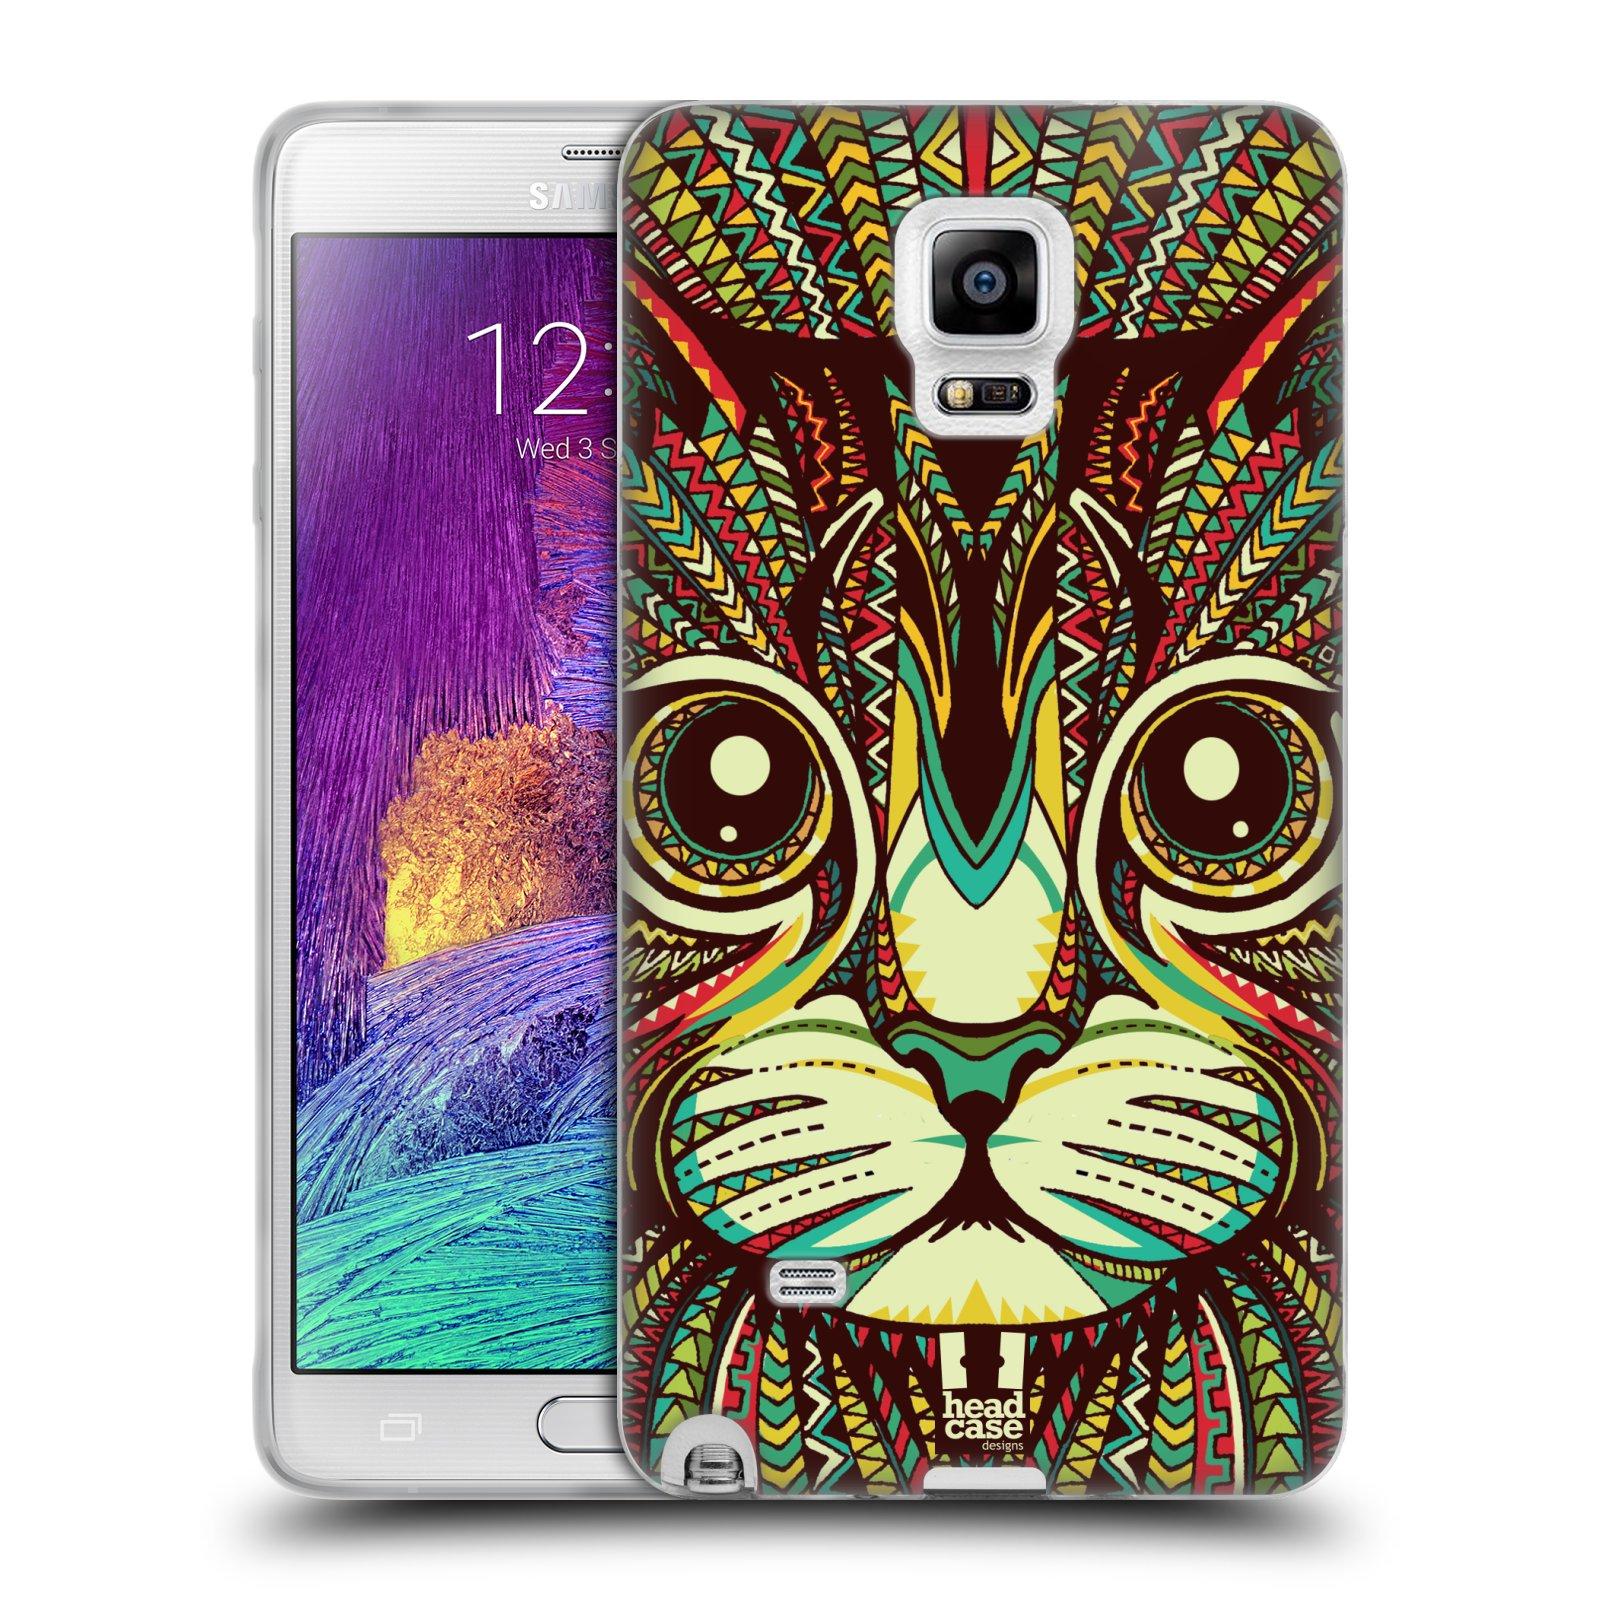 Silikonové pouzdro na mobil Samsung Galaxy Note 4 HEAD CASE AZTEC KOČKA (Silikonový kryt či obal na mobilní telefon Samsung Galaxy Note 4 SM-N910F)